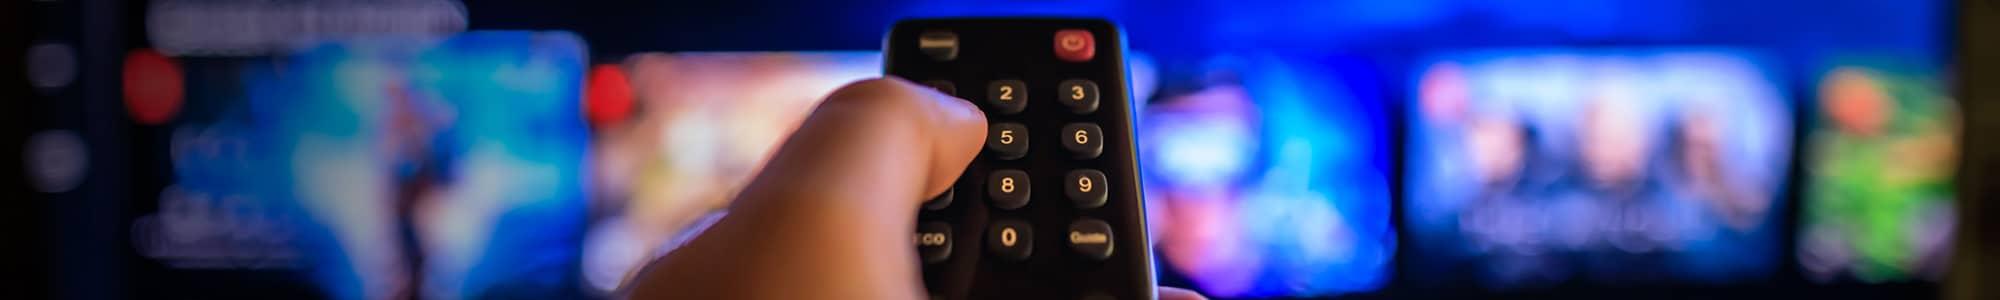 Video-Advertising---OTT_CTV